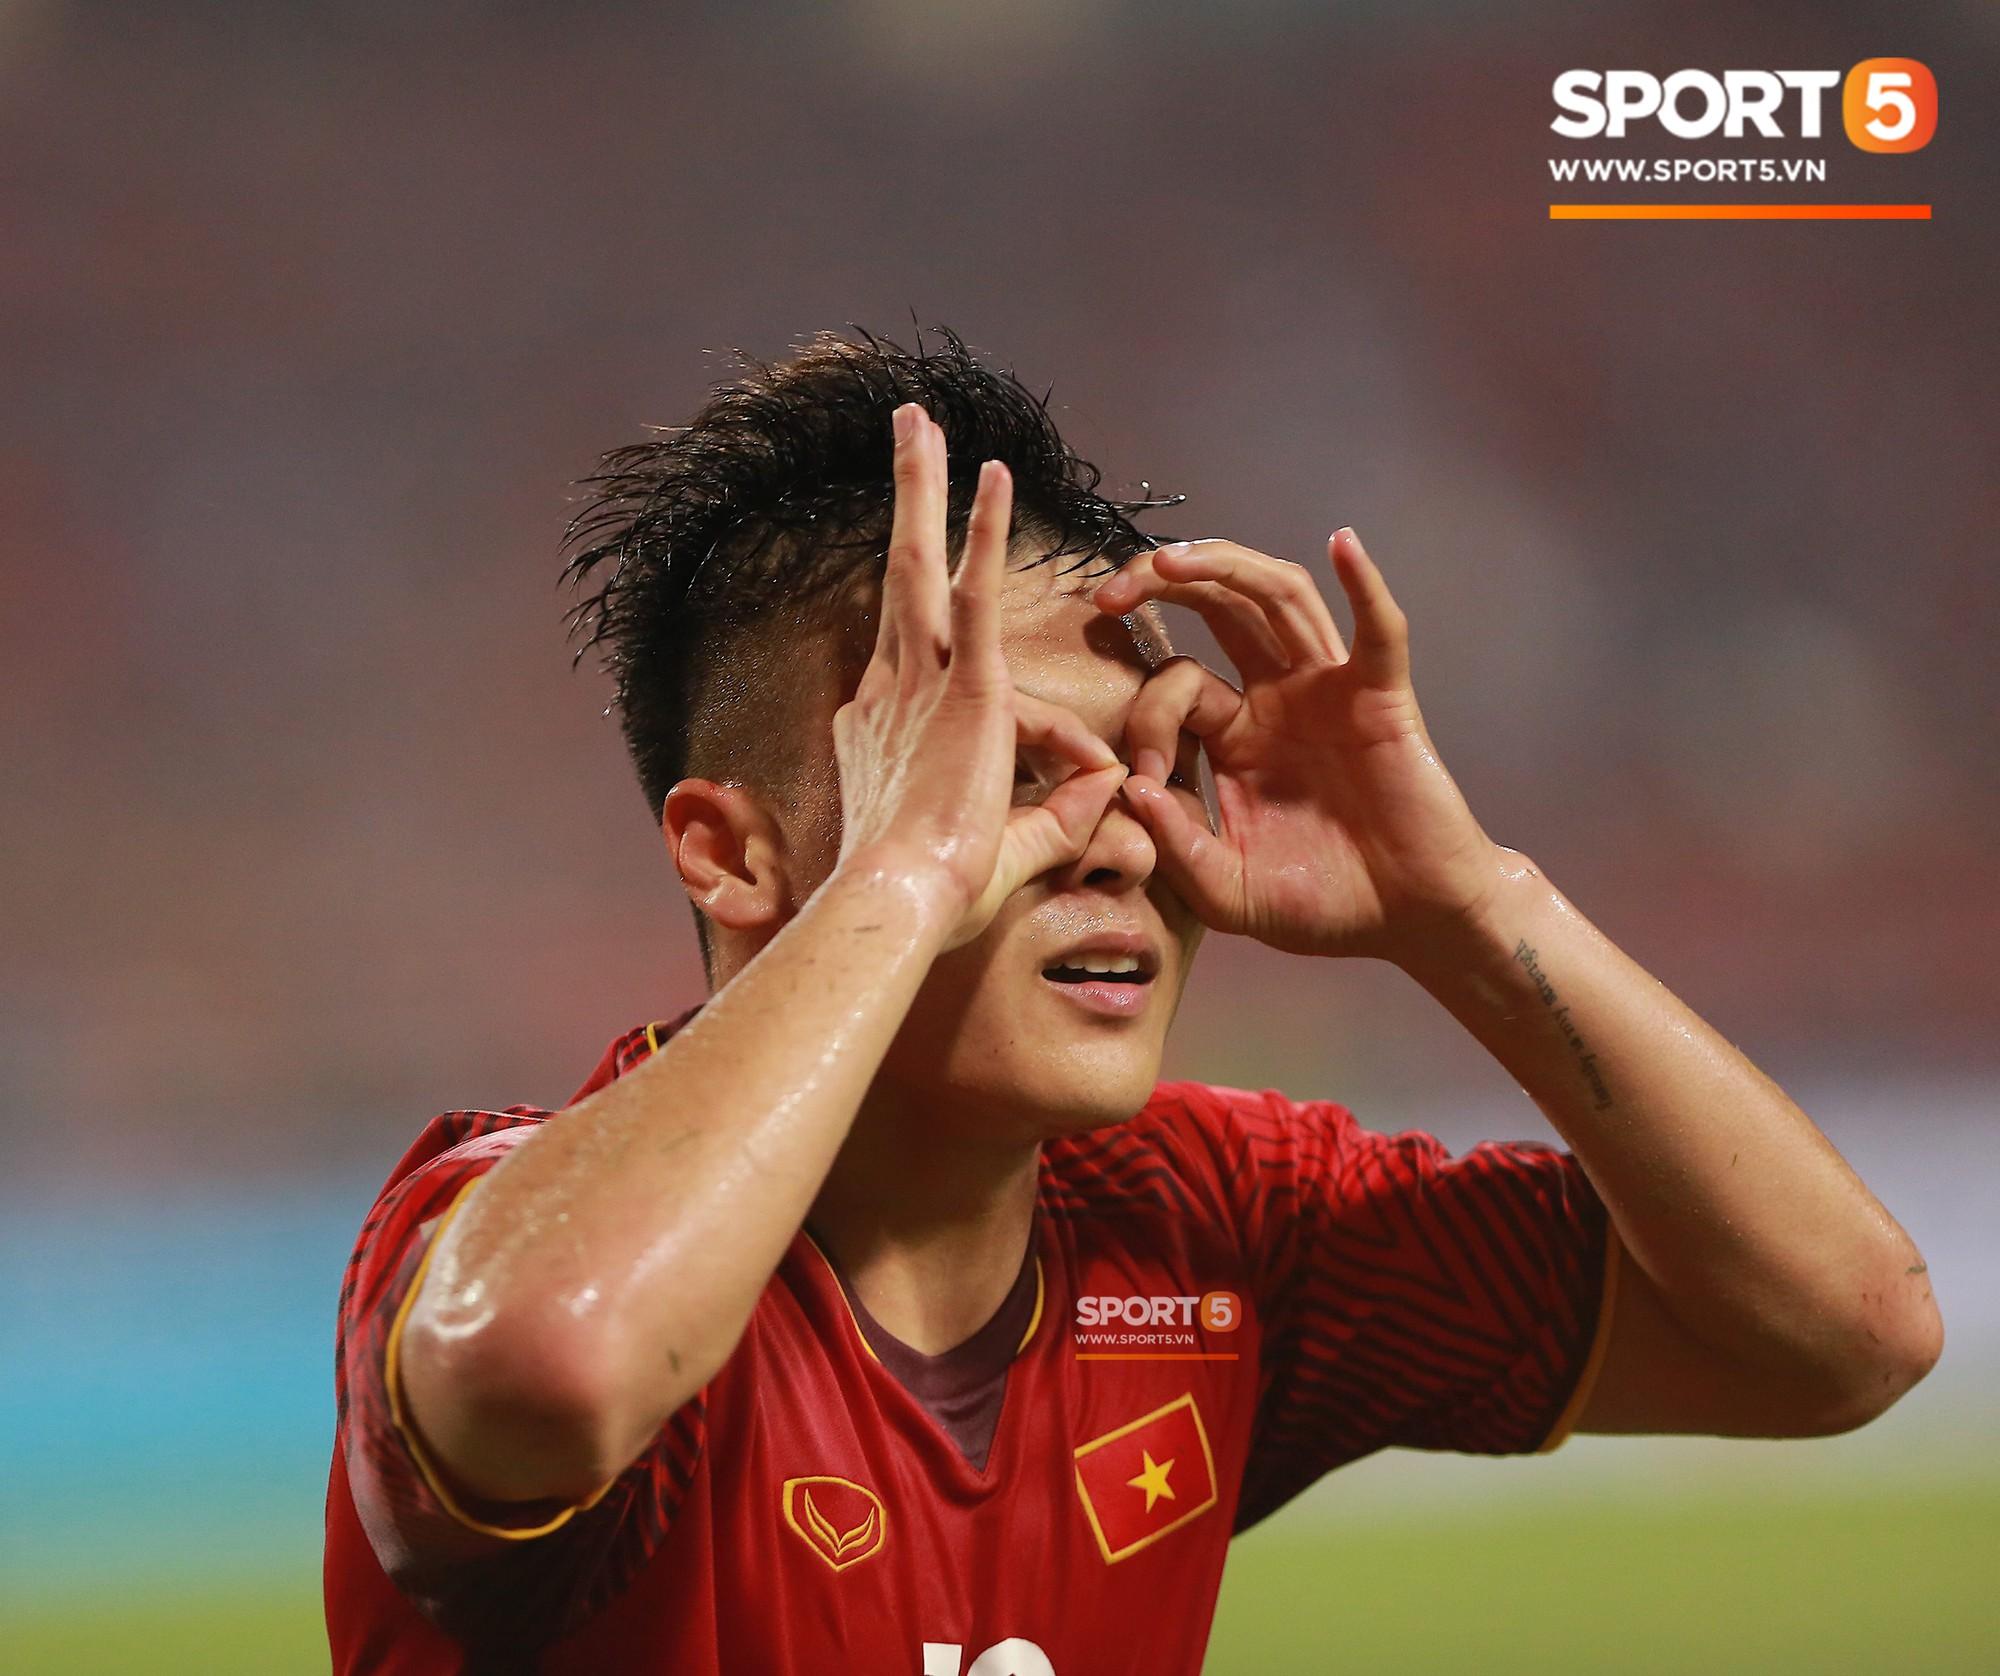 Thấy HLV Park Hang-seo đứng lặng một mình ở cabin sau chiến thắng trước Philippines, Quang Hải chạy tới ôm hôn, chia vui cùng thầy-2